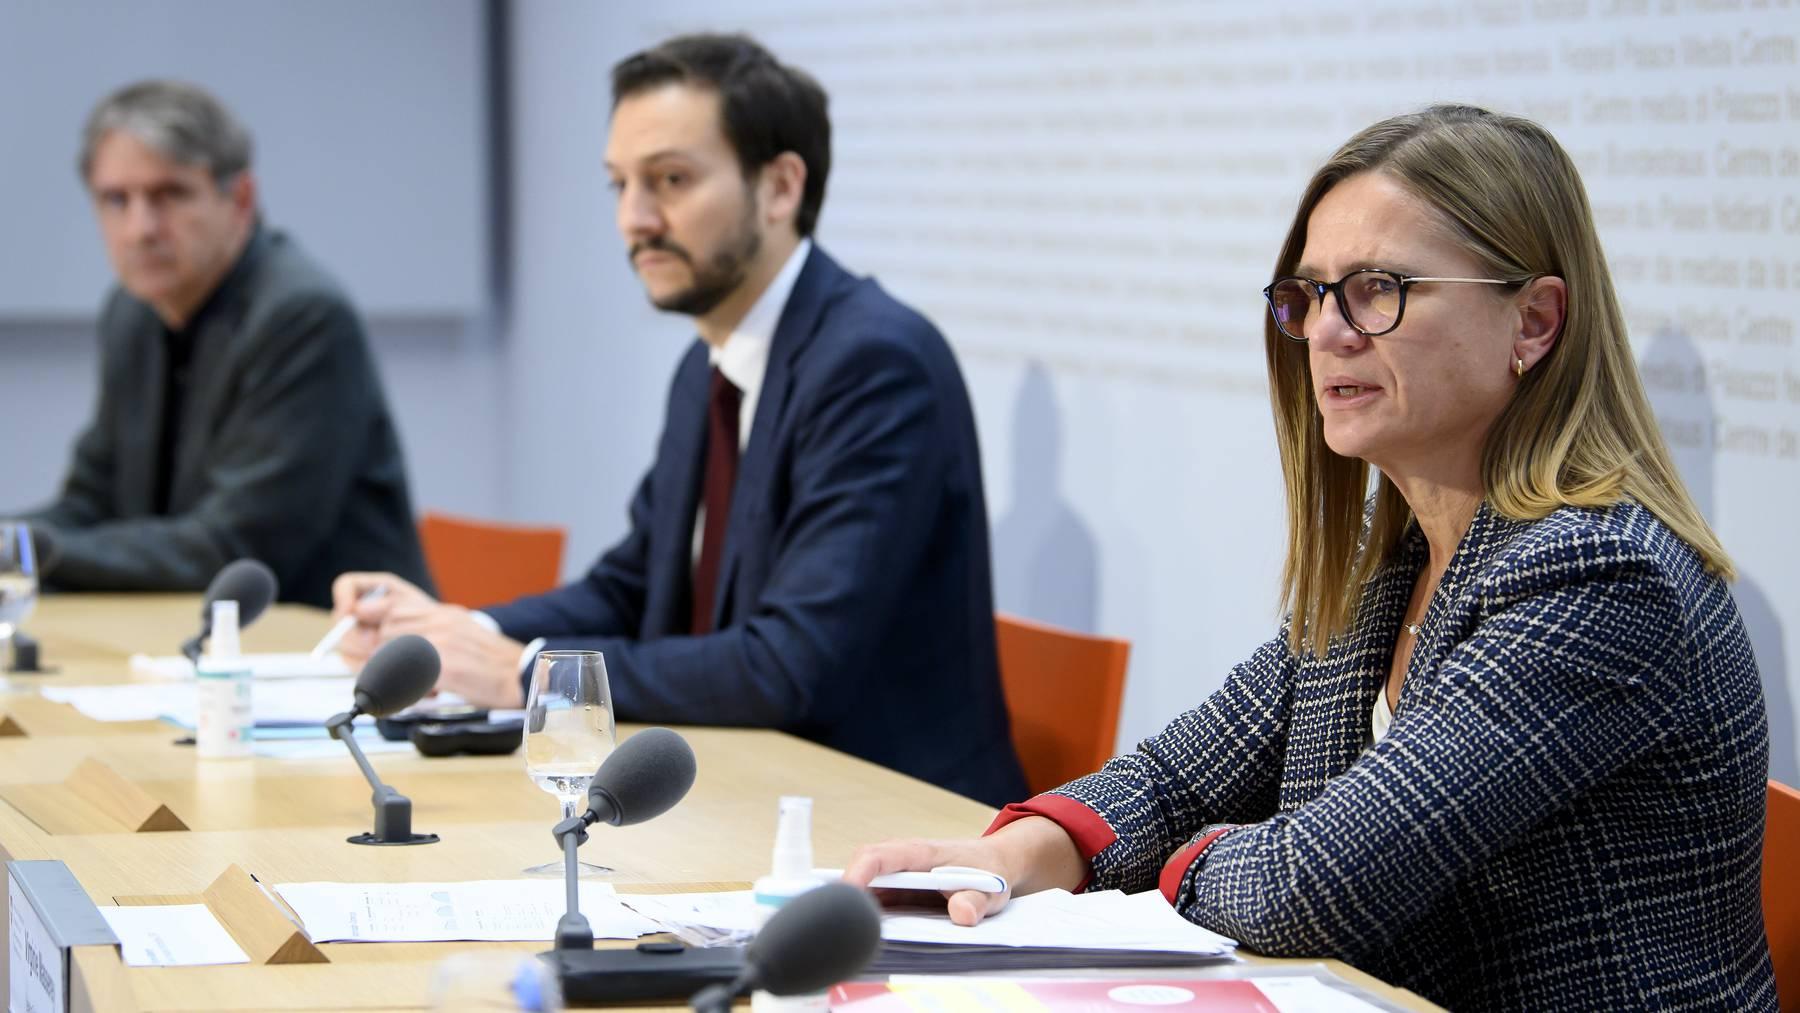 Thomas Steffen, Ronald Indergand und Virginie Masserey (v.l.) an der Pressekonferenz des Bundes.